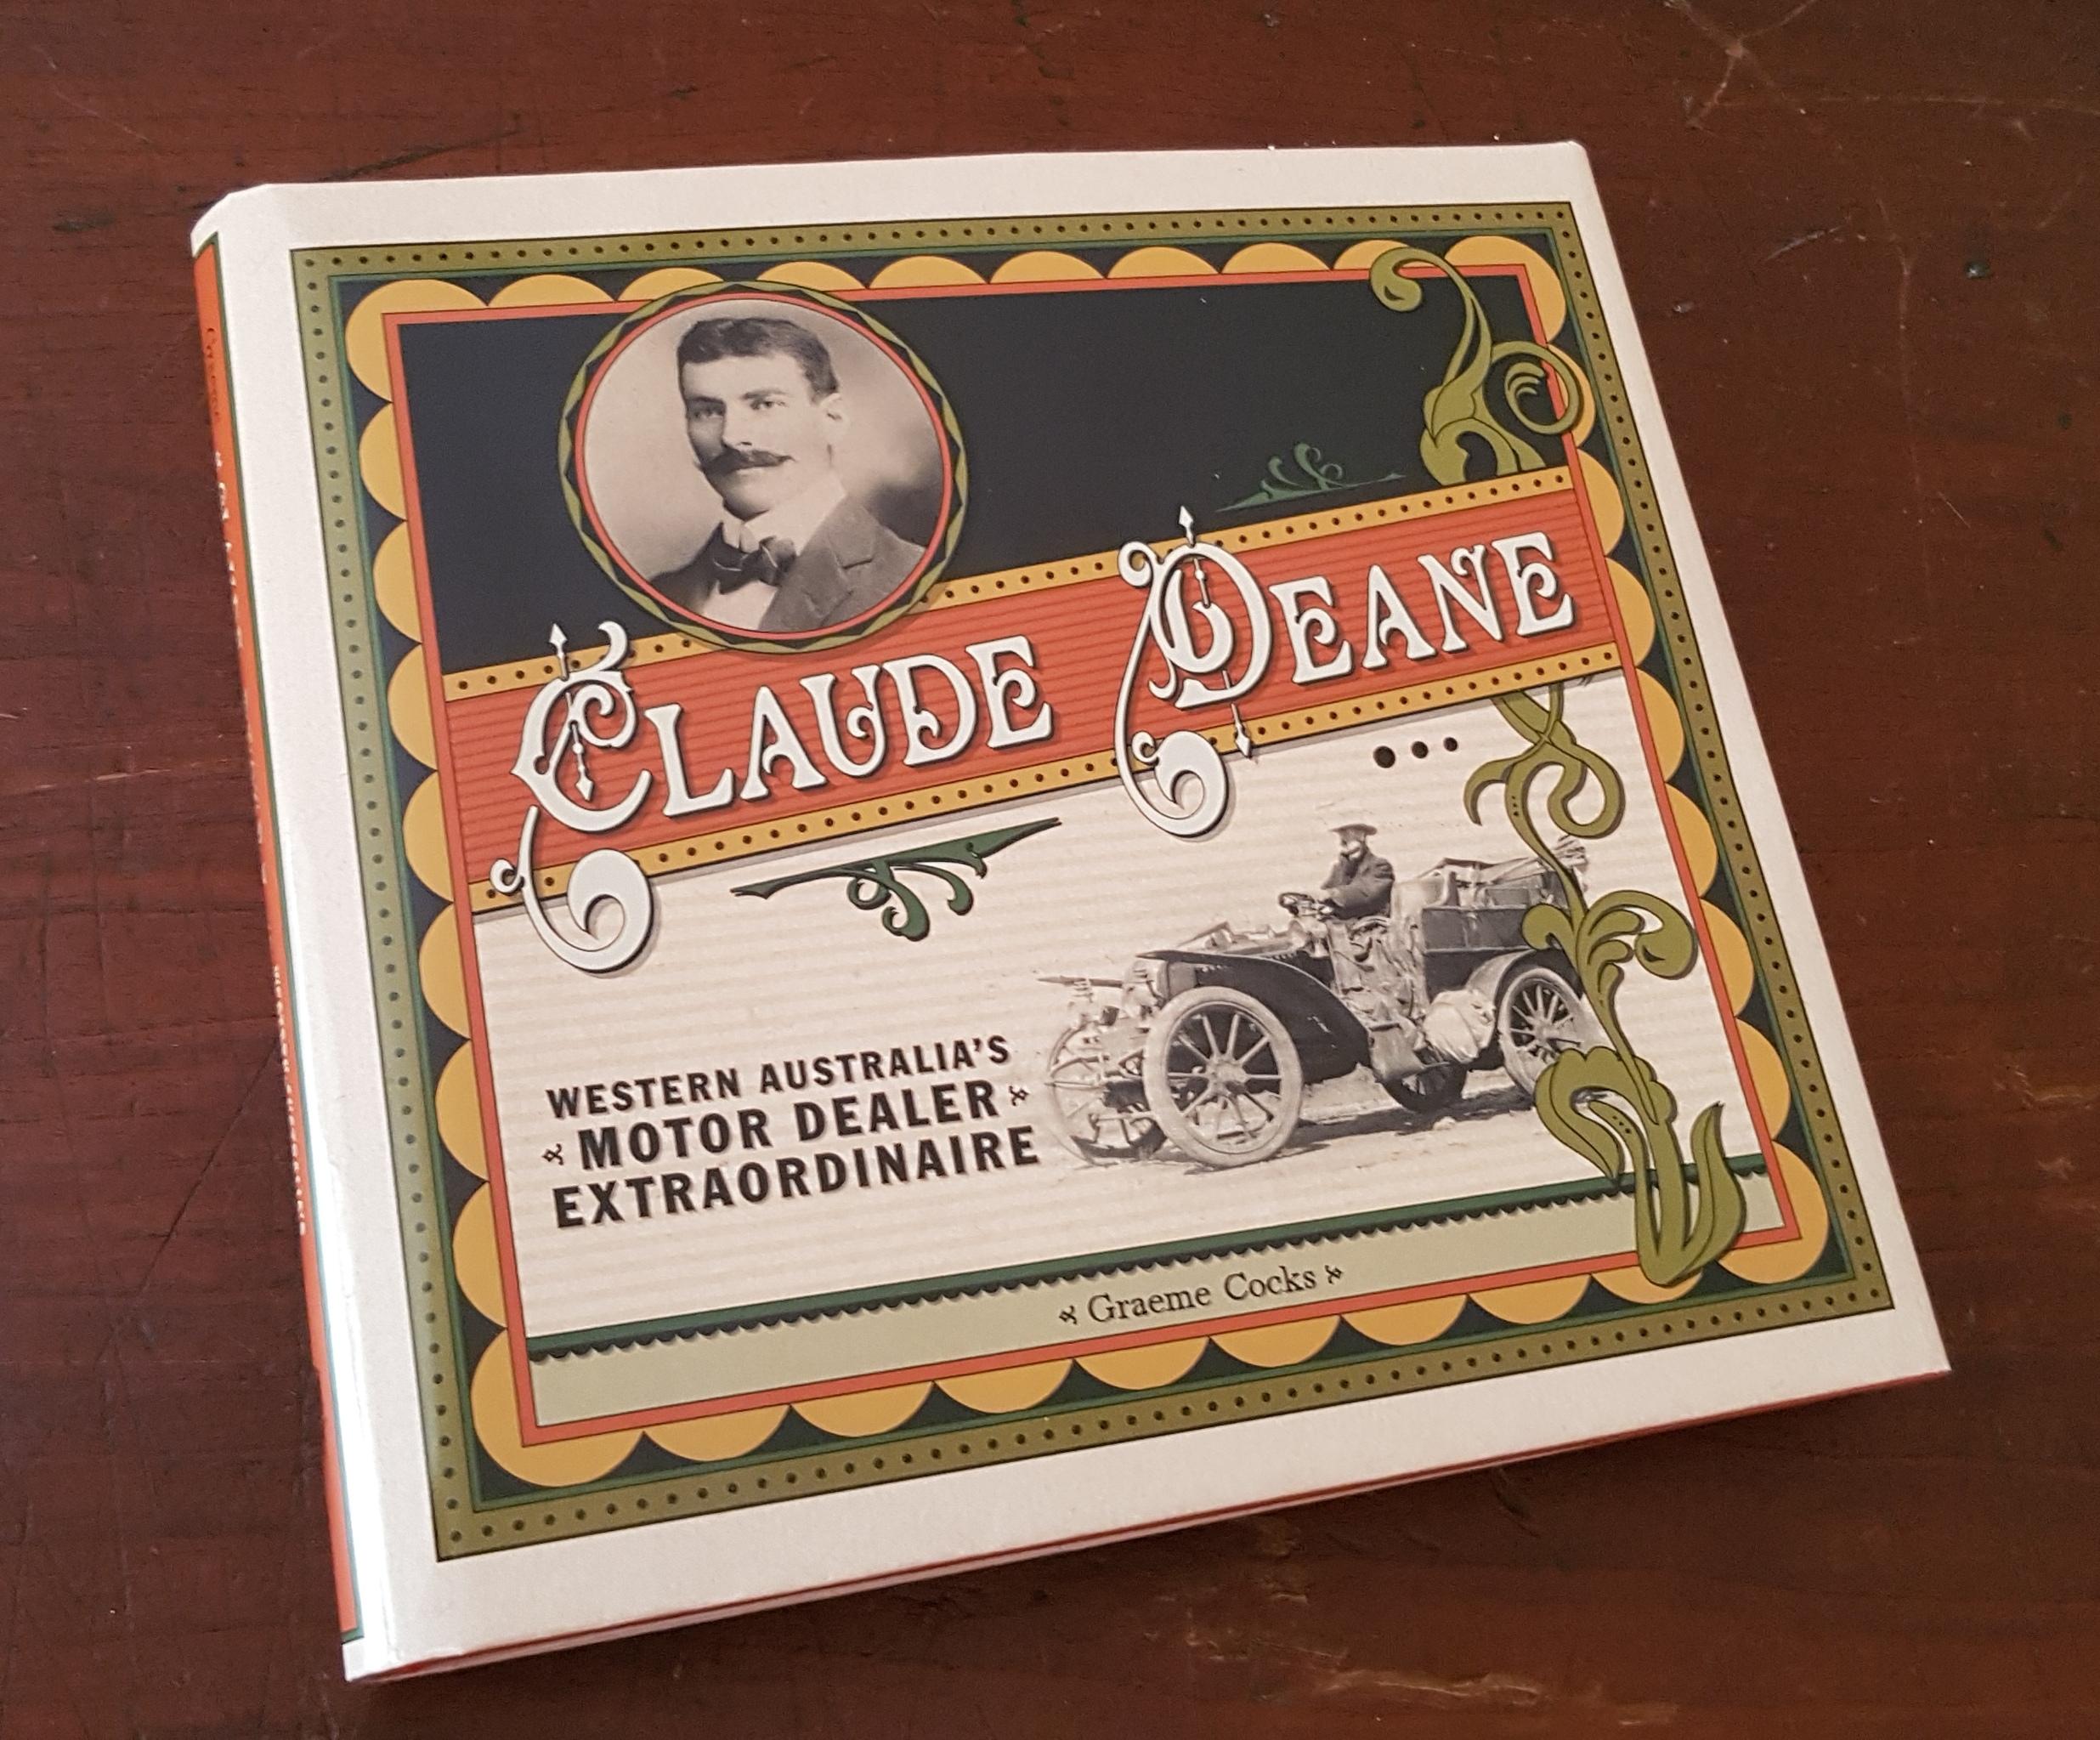 Deane book